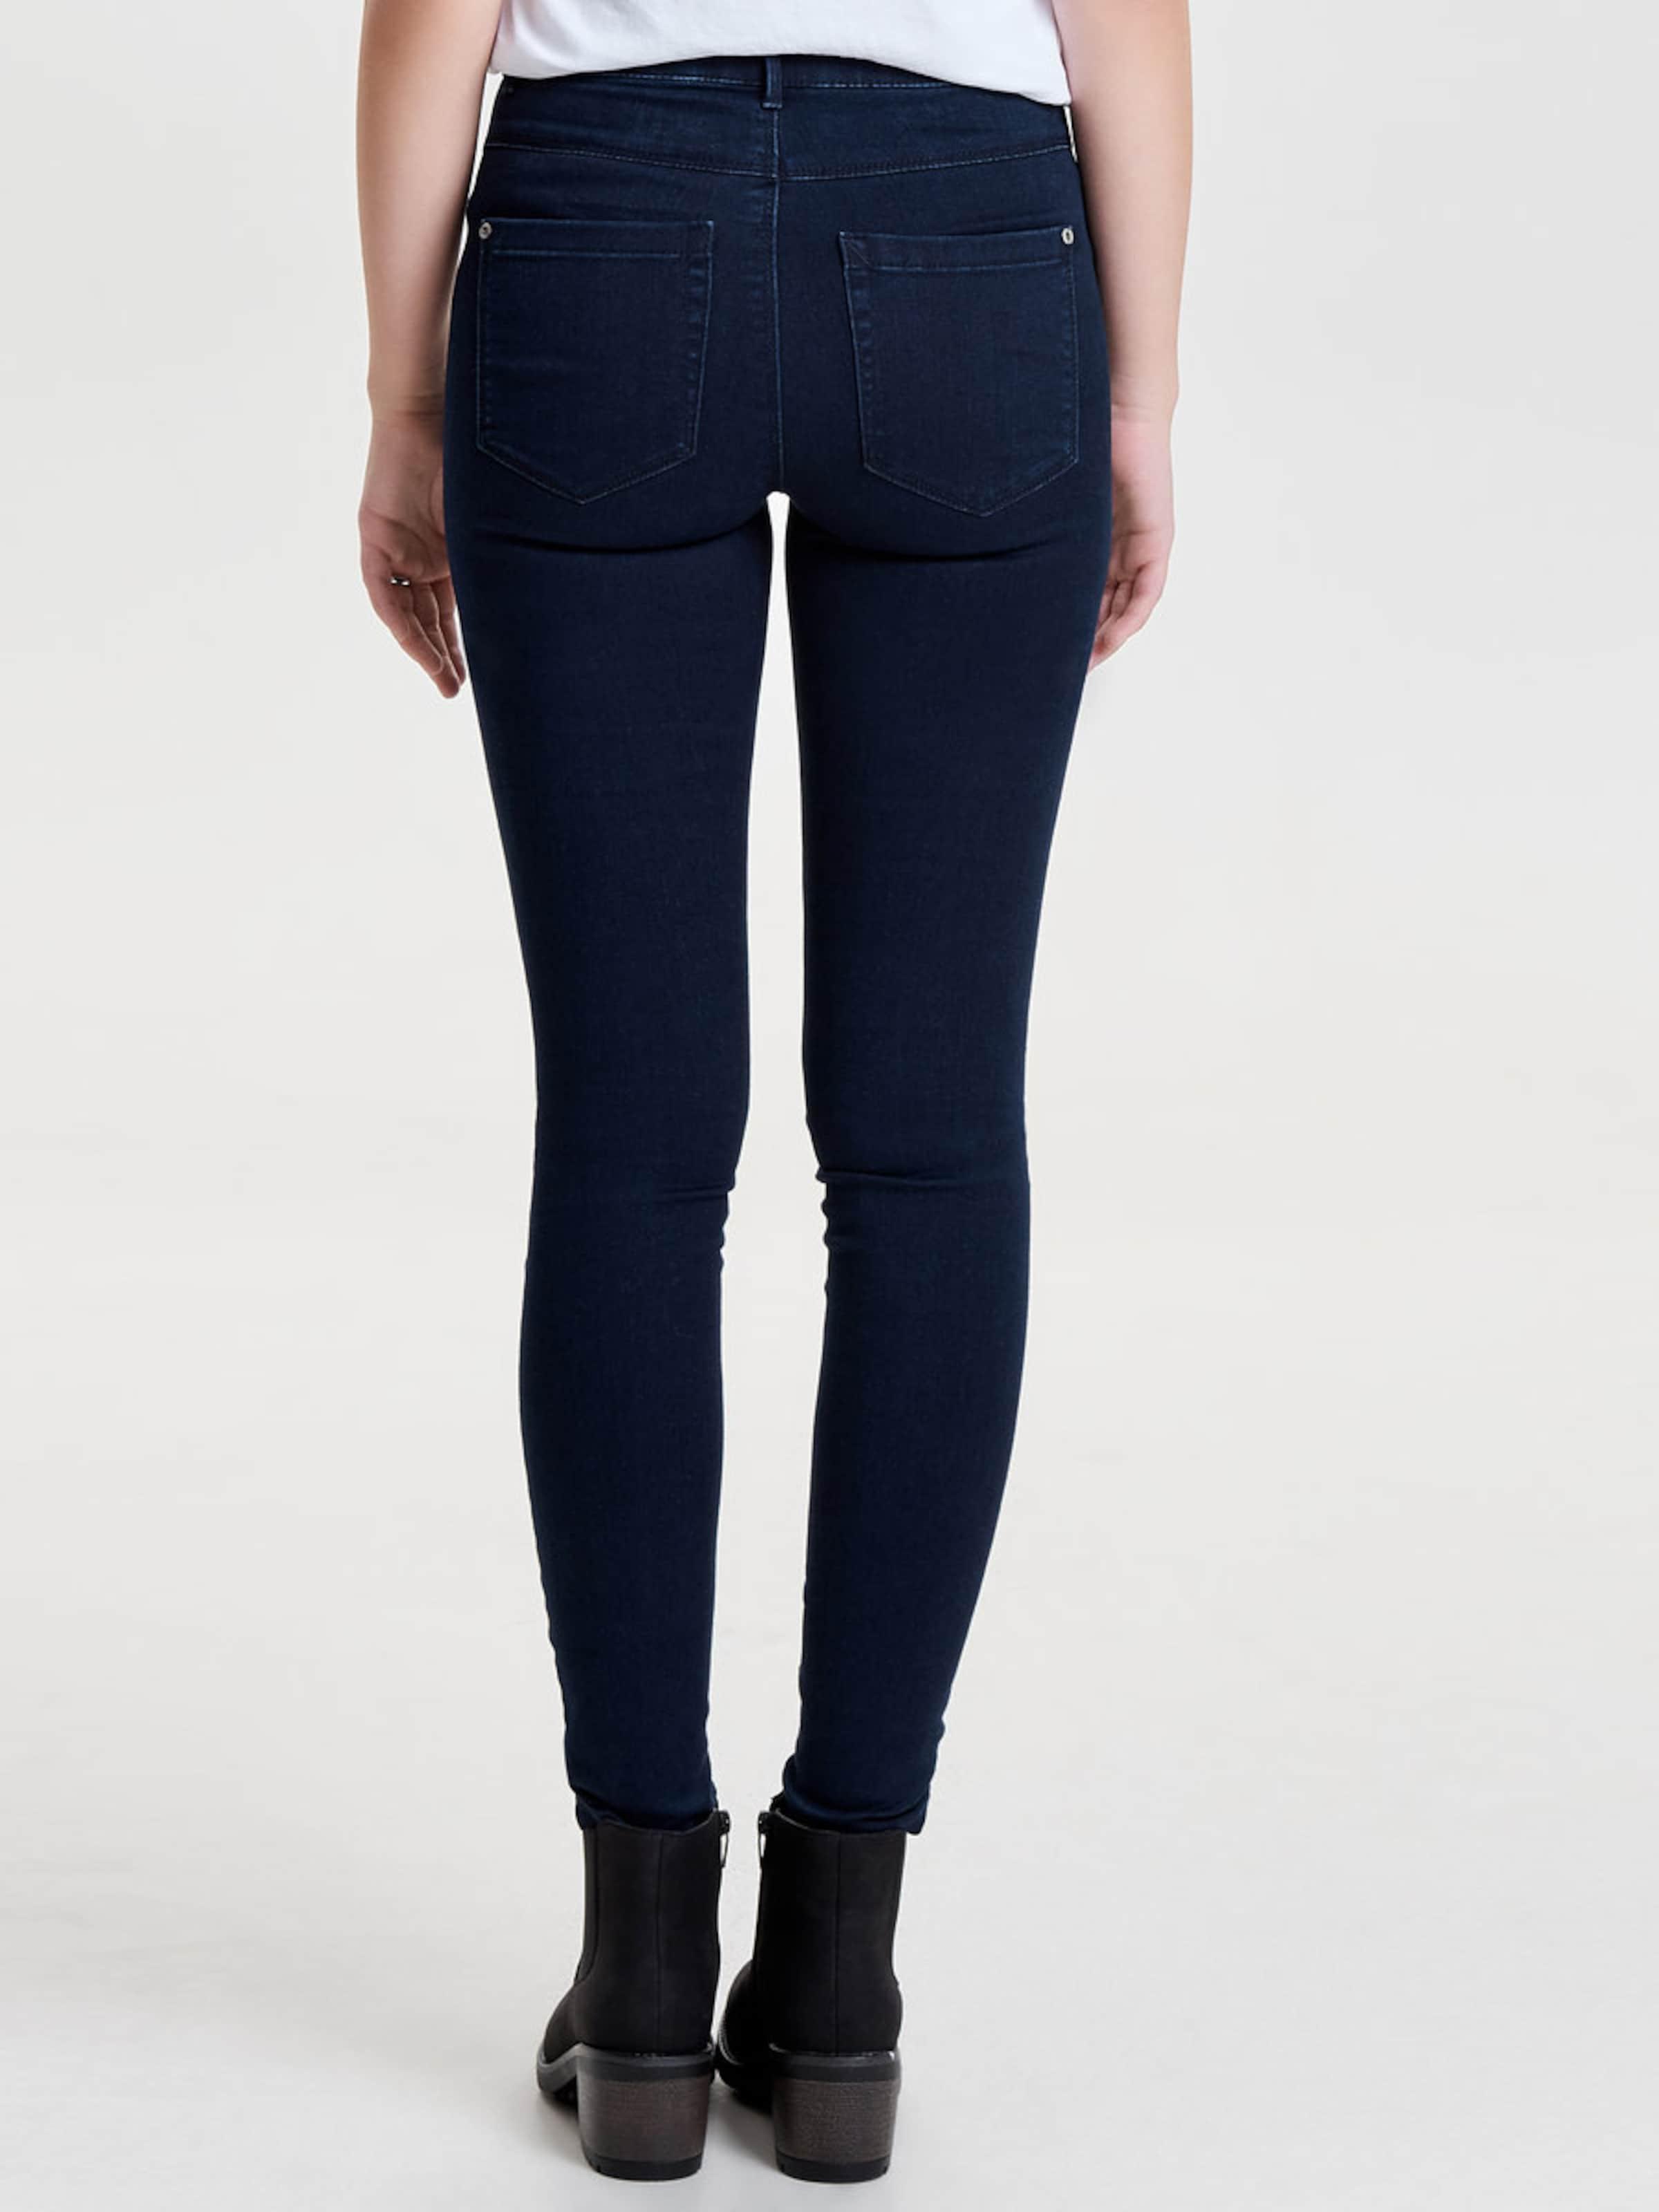 ONLY 'Royal' Jeans Footaction Günstiger Preis Visa-Zahlung Erschwinglich Spielraum Online Offizielle Seite Günstig Online Kaufen fVtFe